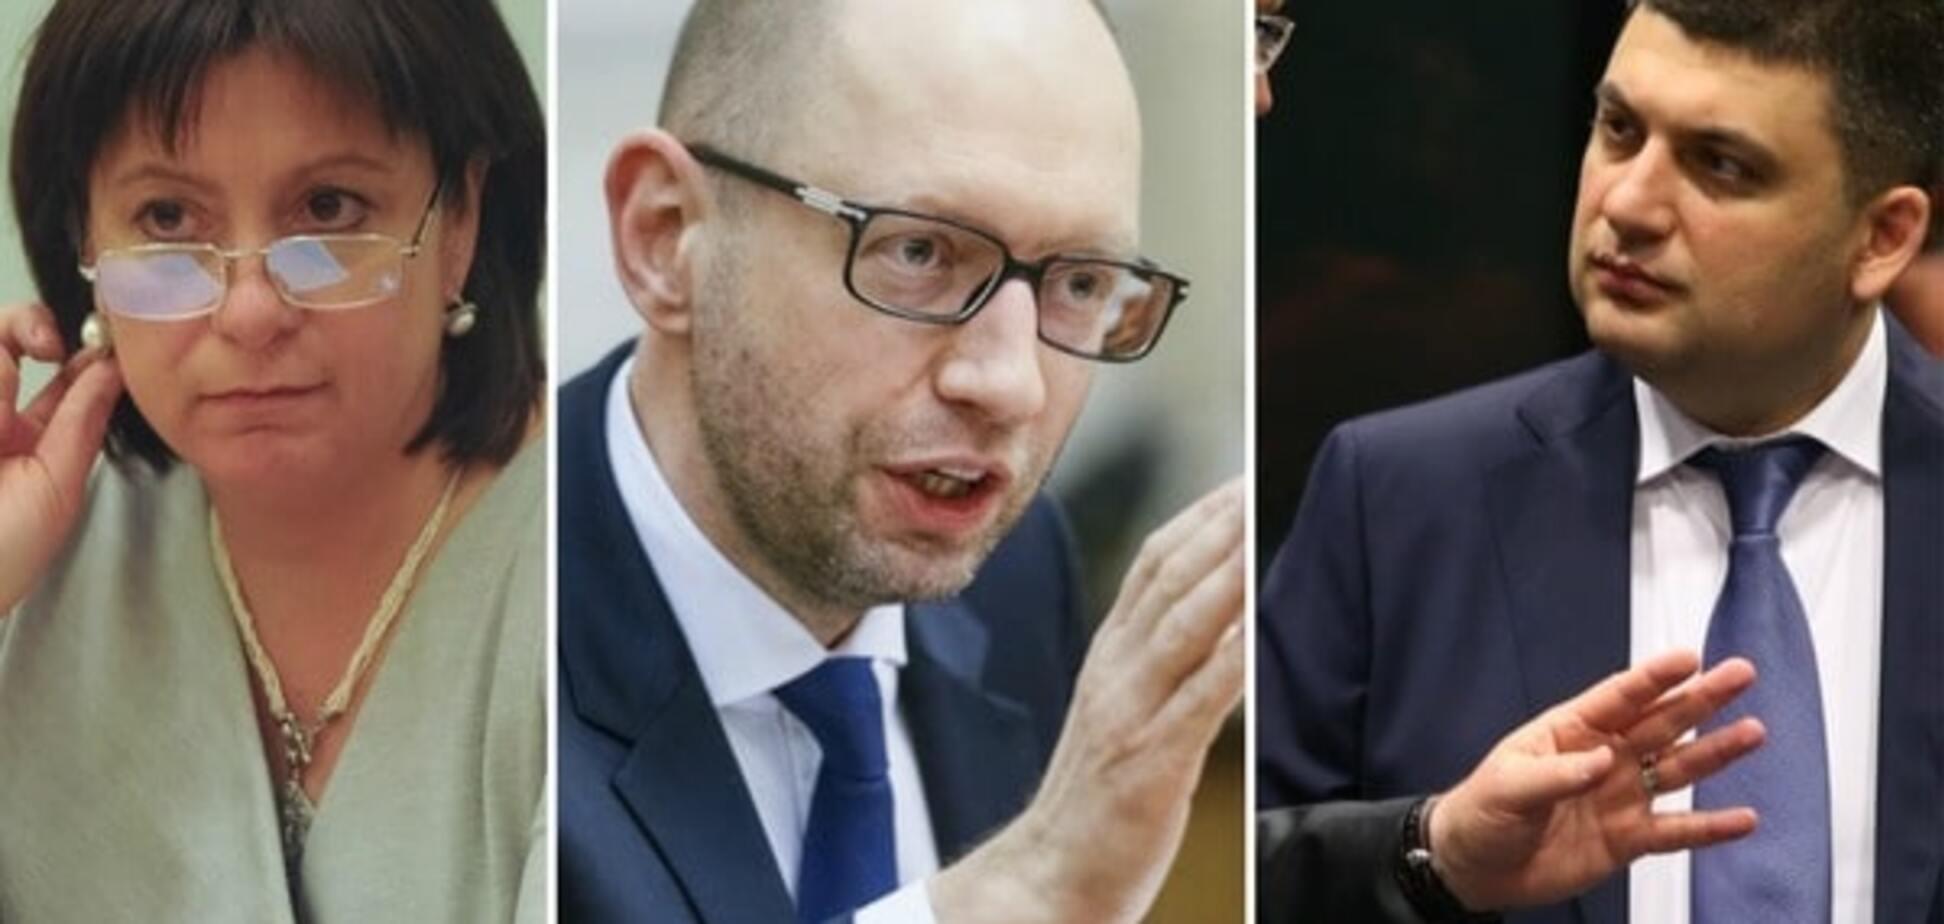 Психоанализ поведения Яценюка, Яресько и Гройсмана